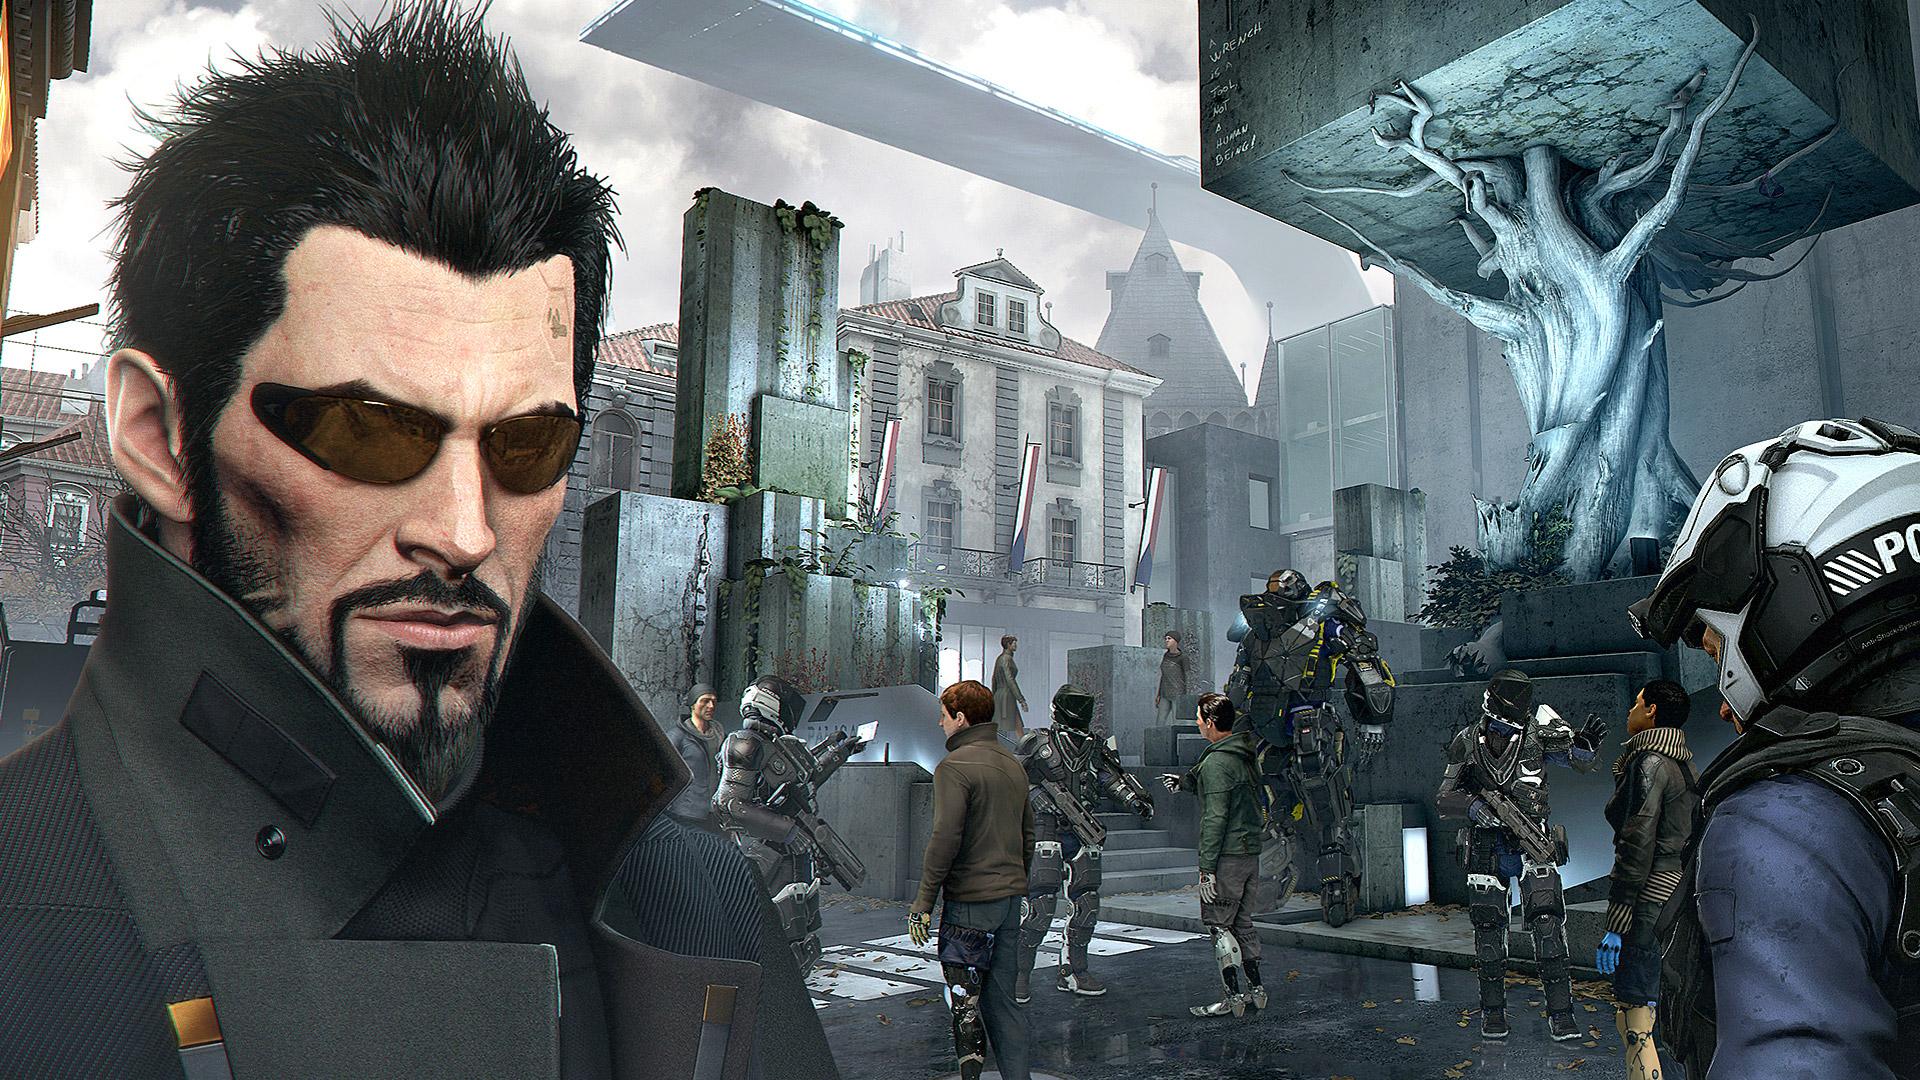 Deus Ex: Mankind Divided Wallpaper in 1920x1080